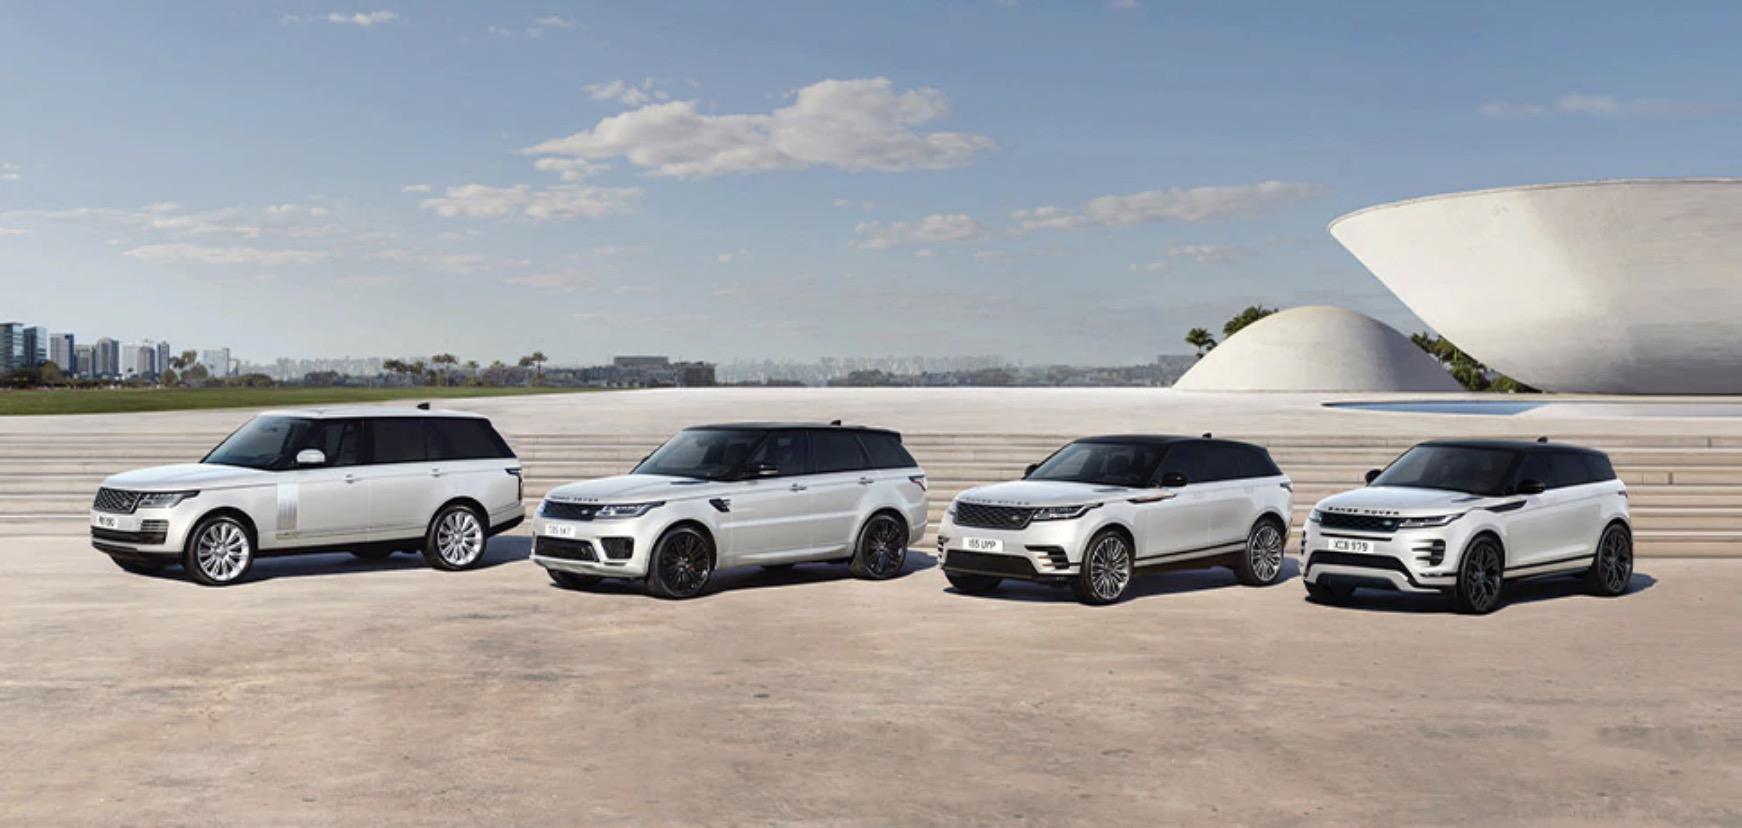 4 mẫu xe range rover và 2 mẫu landrover discovery, 1 mẫu defender,